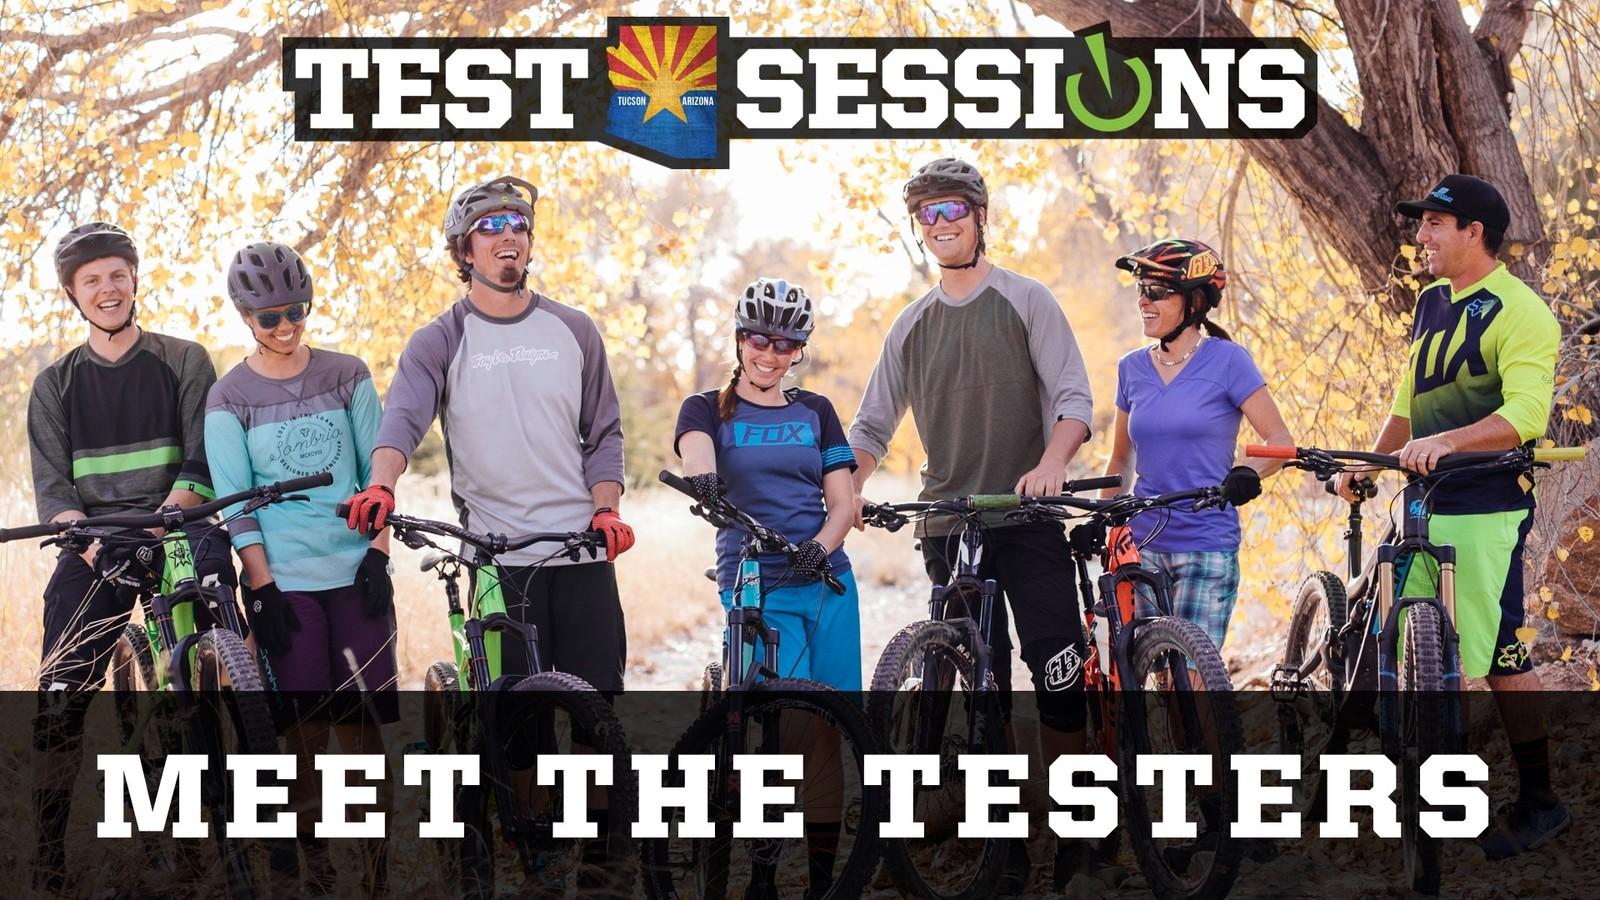 Meet The Testers - 2017 Vital MTB Test Sessions